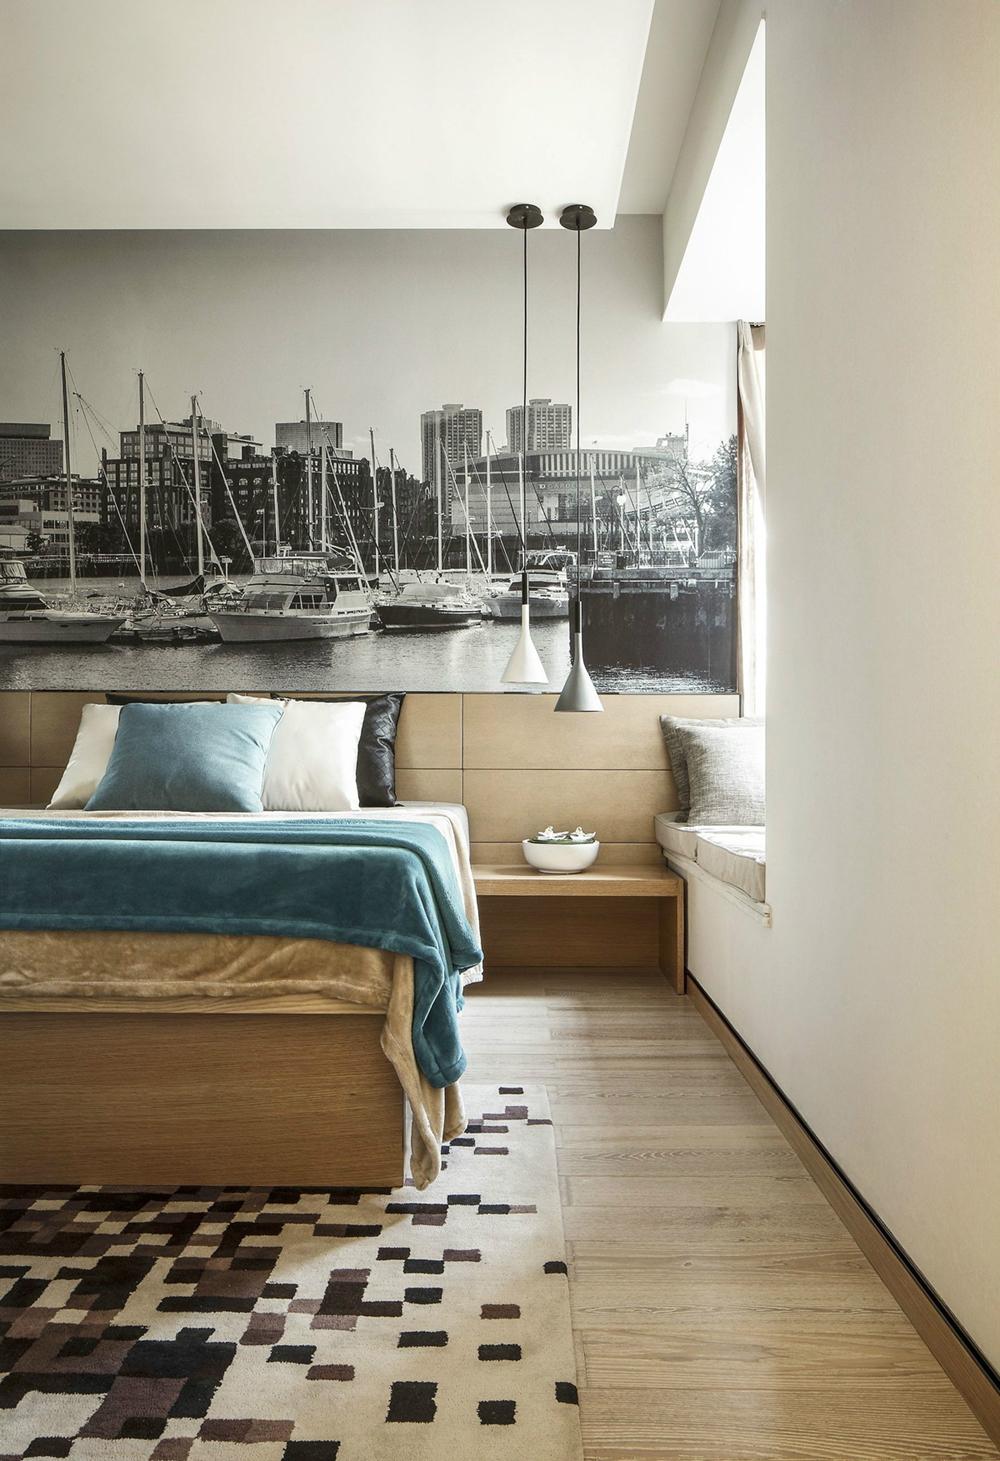 三居 白领 80后 小资 凯德世纪 世纪名邸 卧室图片来自成都生活家装饰徐洋在凯德世纪名邸110㎡法式风格实拍的分享